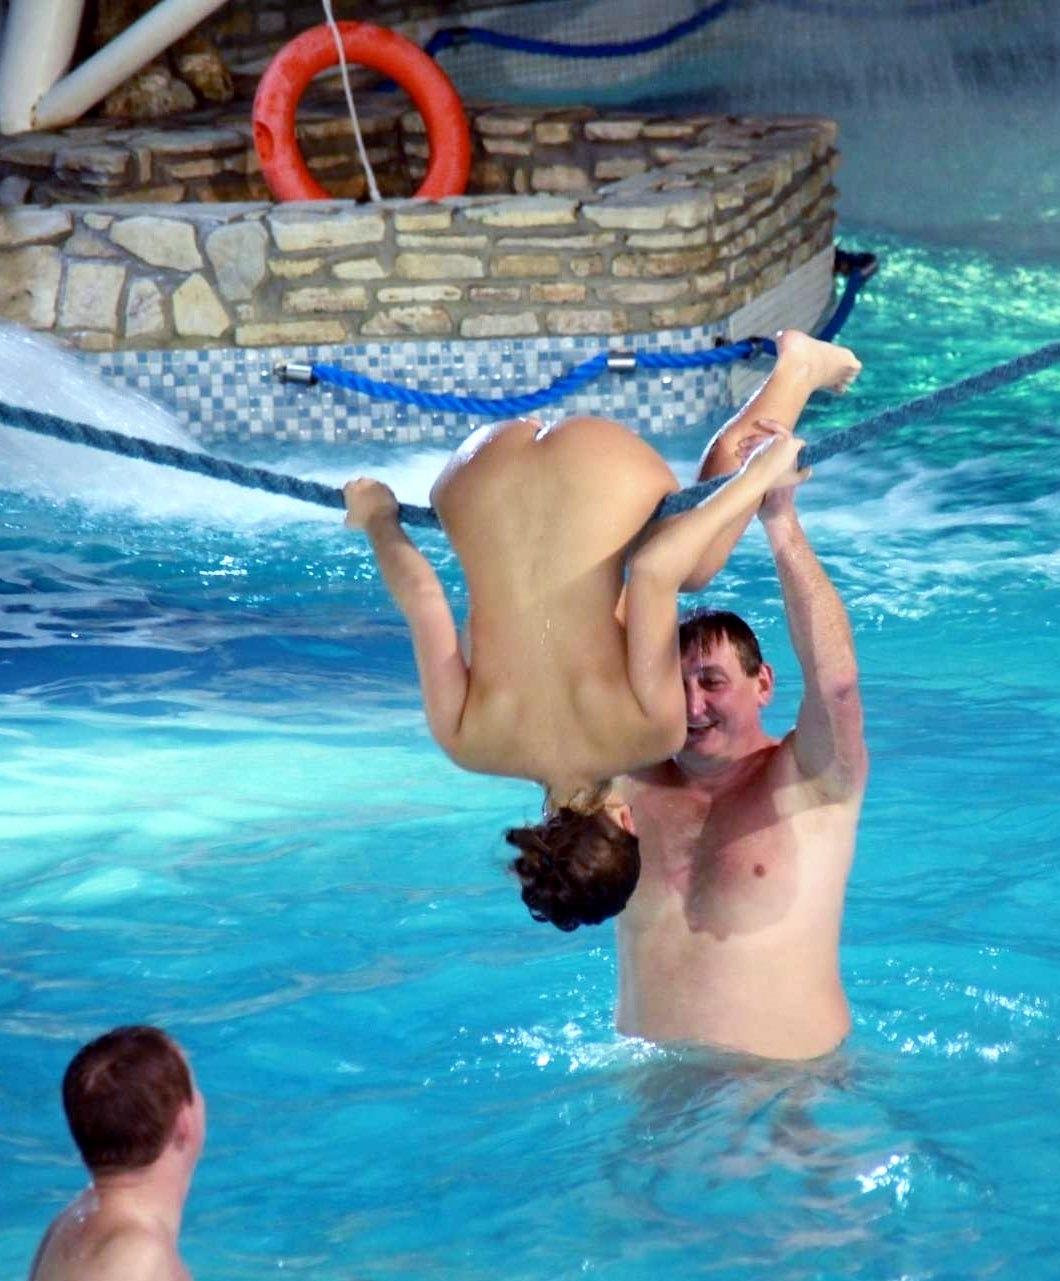 【エロ画像注意】原則全裸のリゾートホテルのプールがあるという事実。全裸ウォータースライダーで草。・12枚目